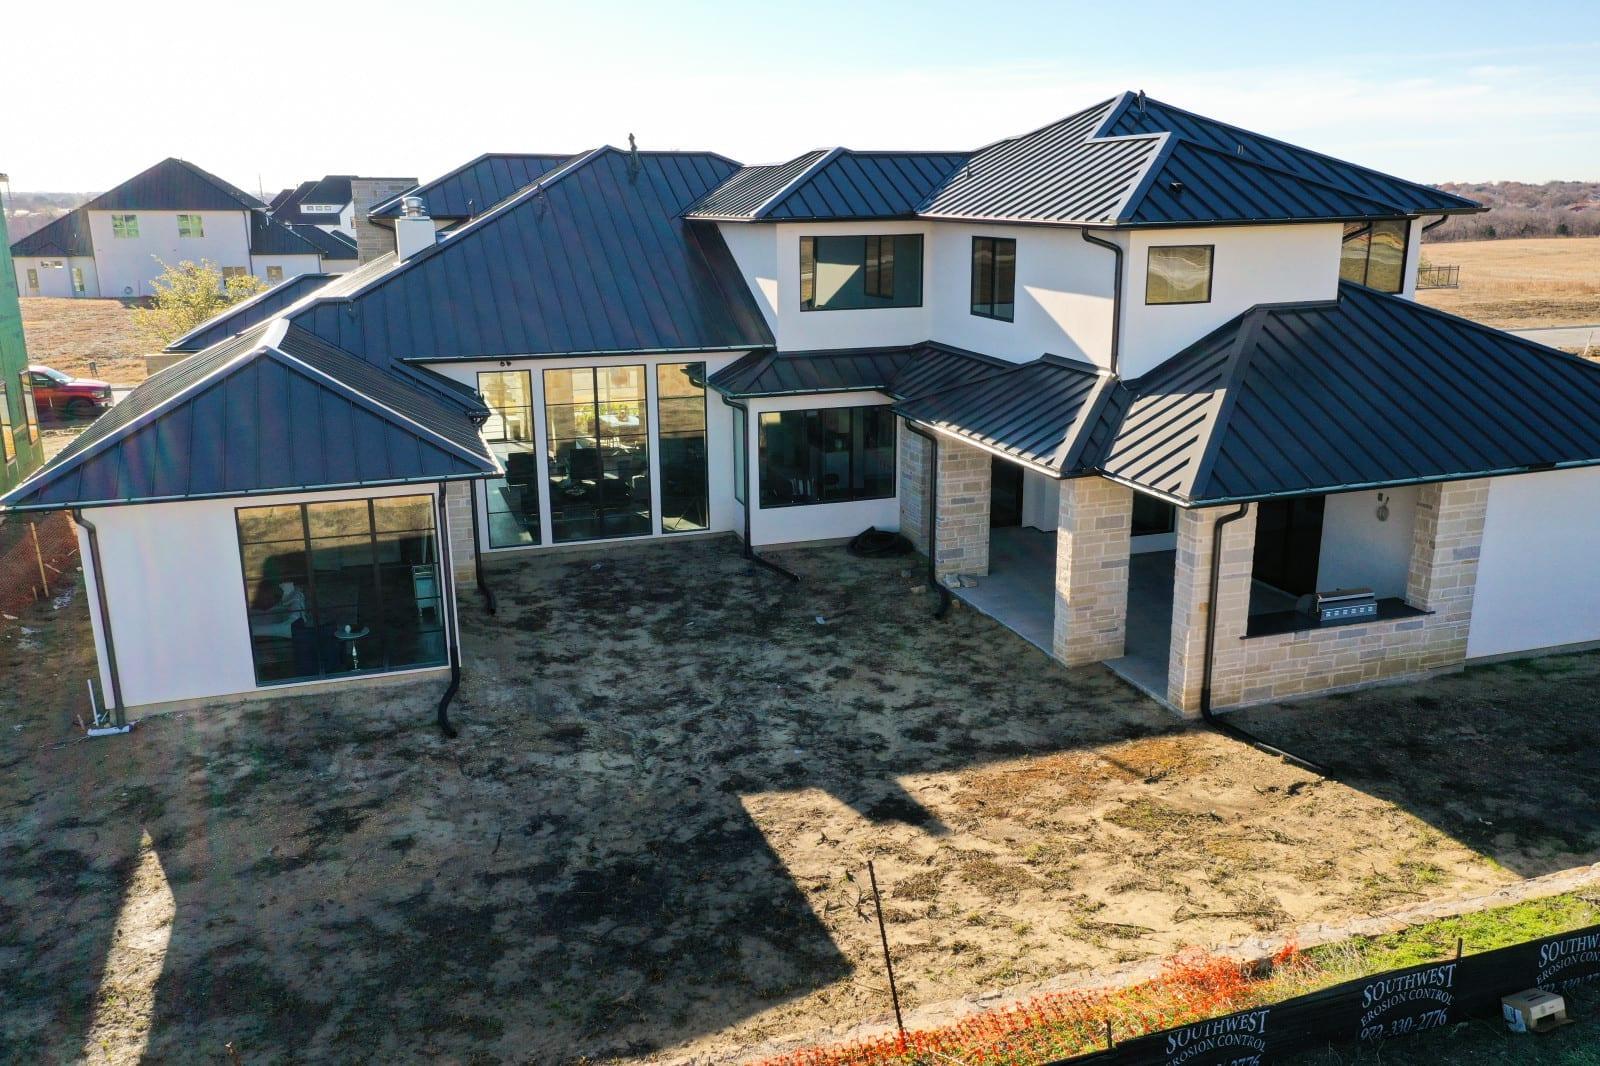 modern home design 4 - Millennial Design + Build